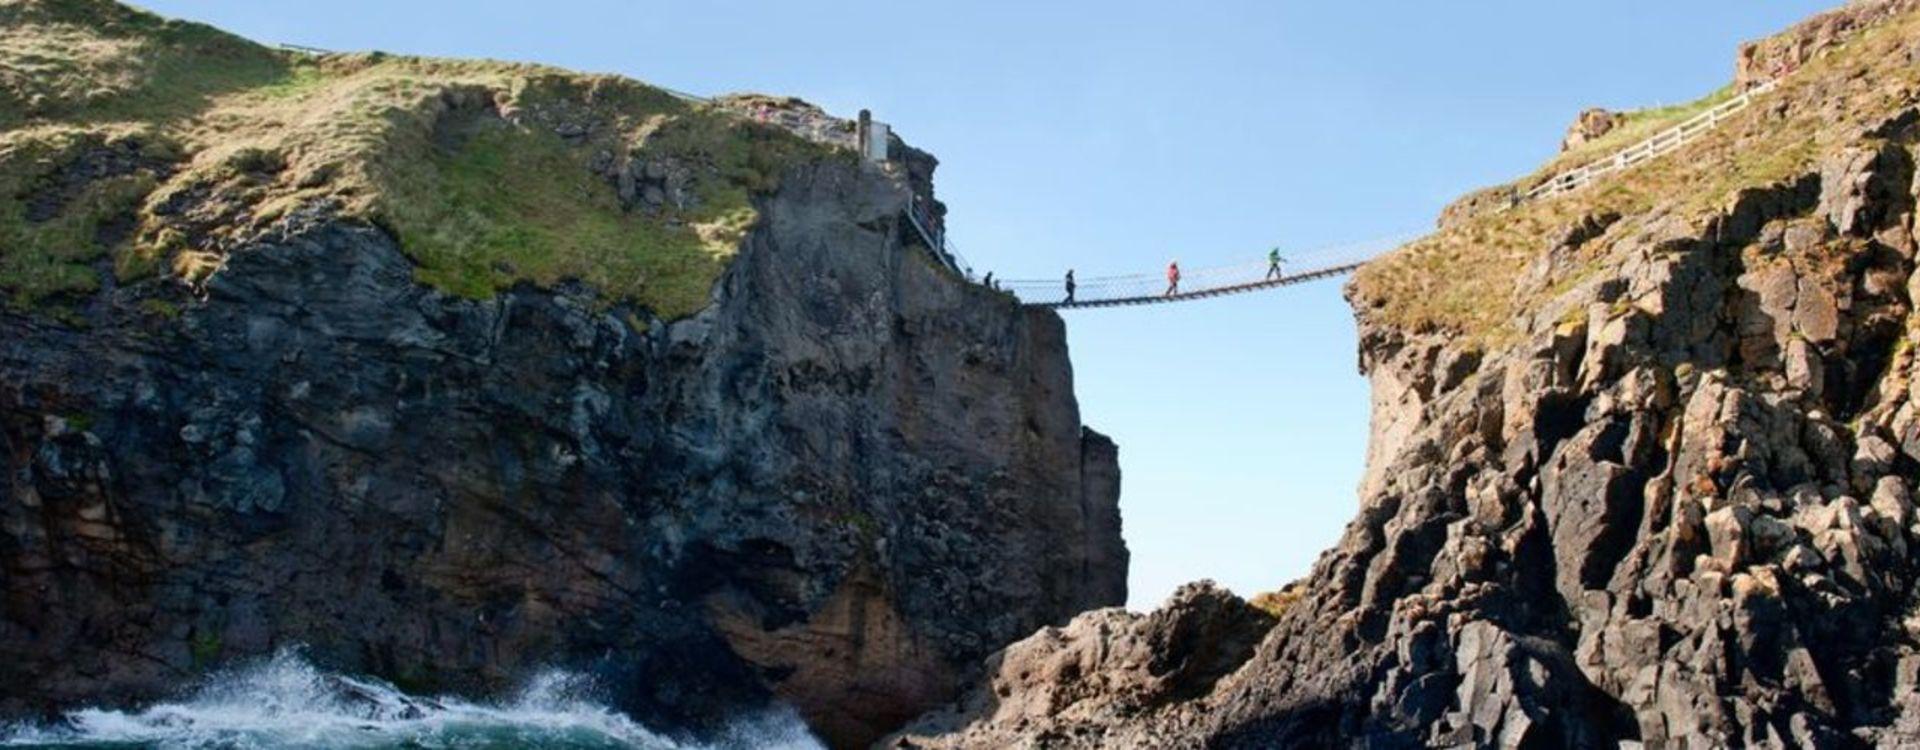 Tour di 9 giorni in Irlanda